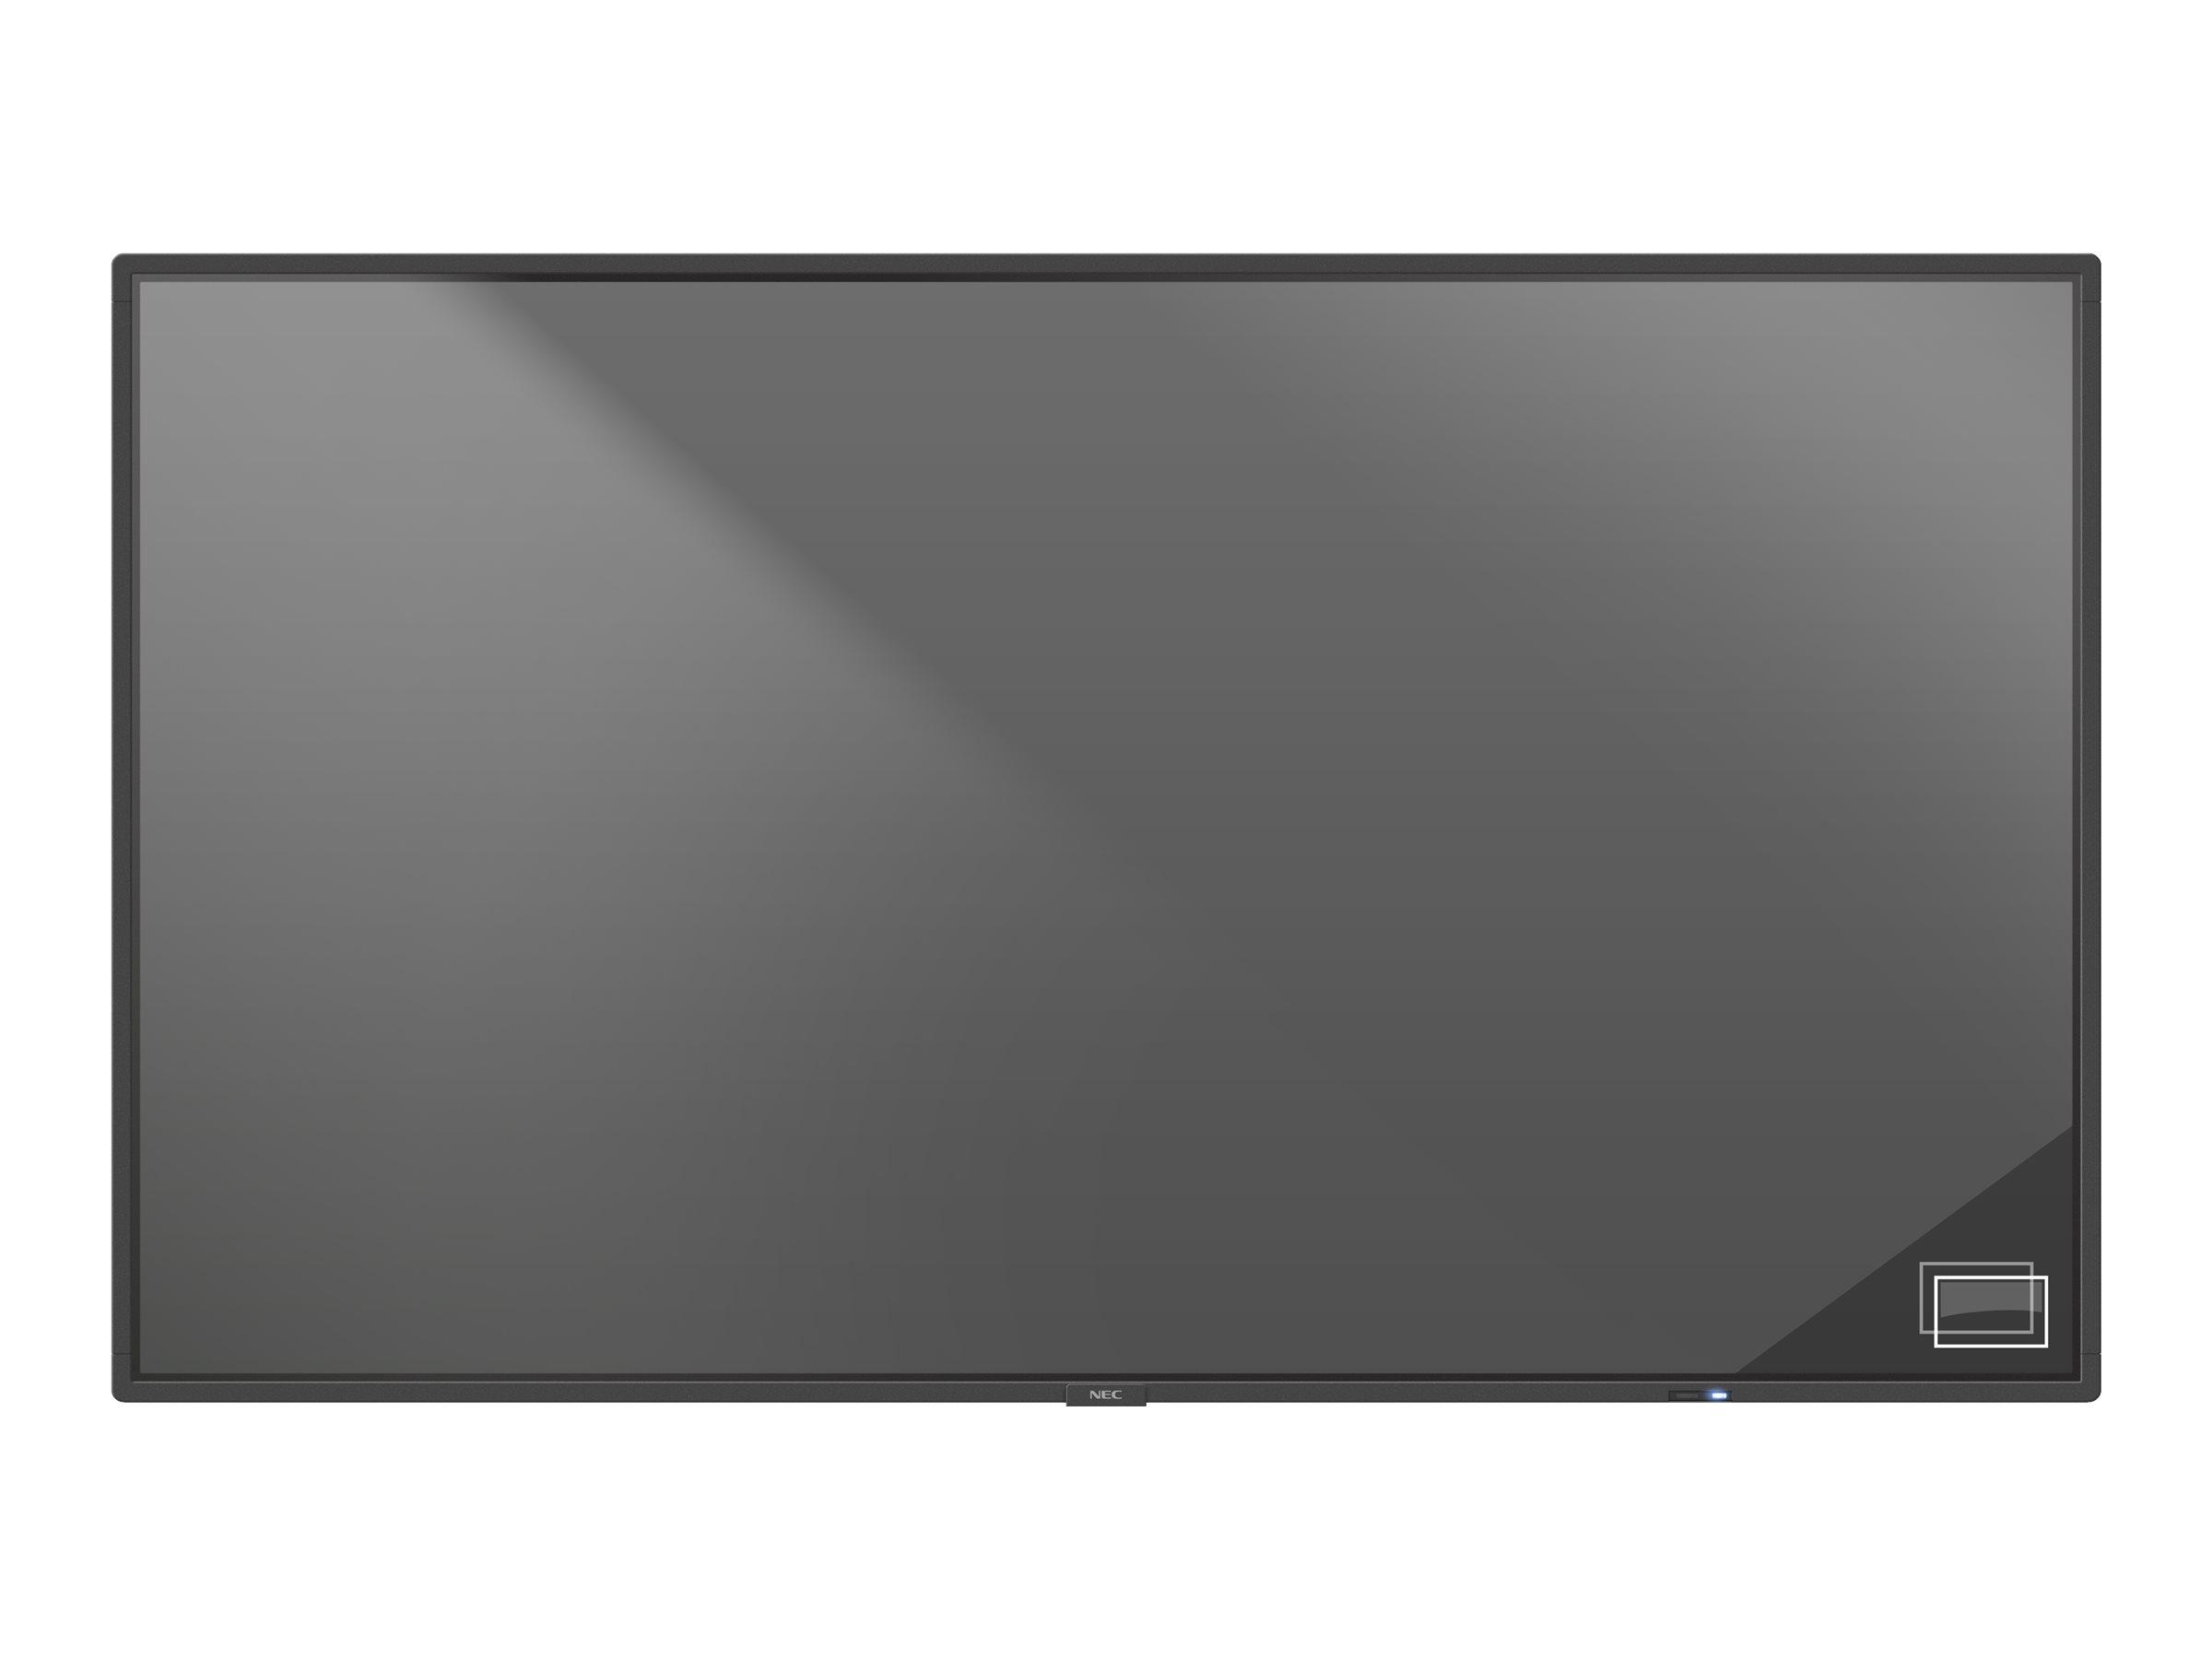 NEC MultiSync P554 PG - 138.8 cm (55